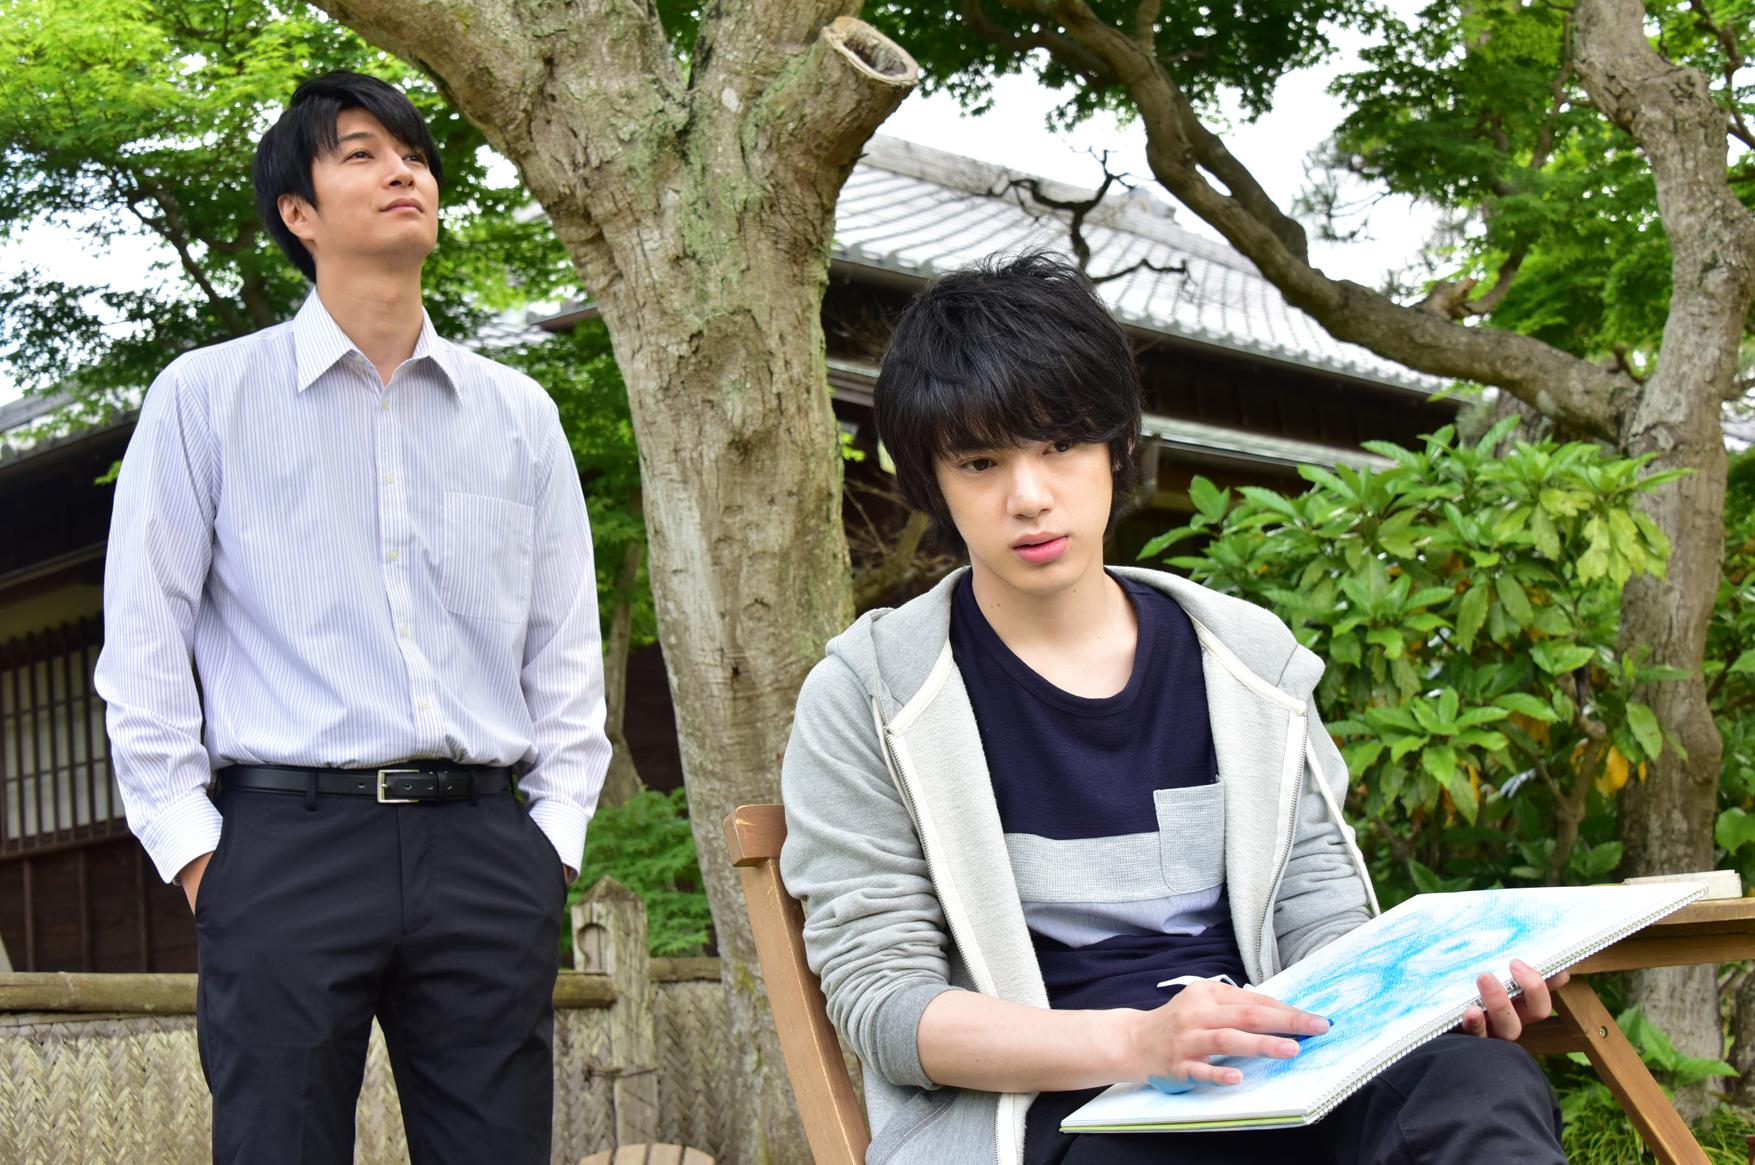 左から、天野浩成、渡邊 剣 (C) 2018東映ビデオ